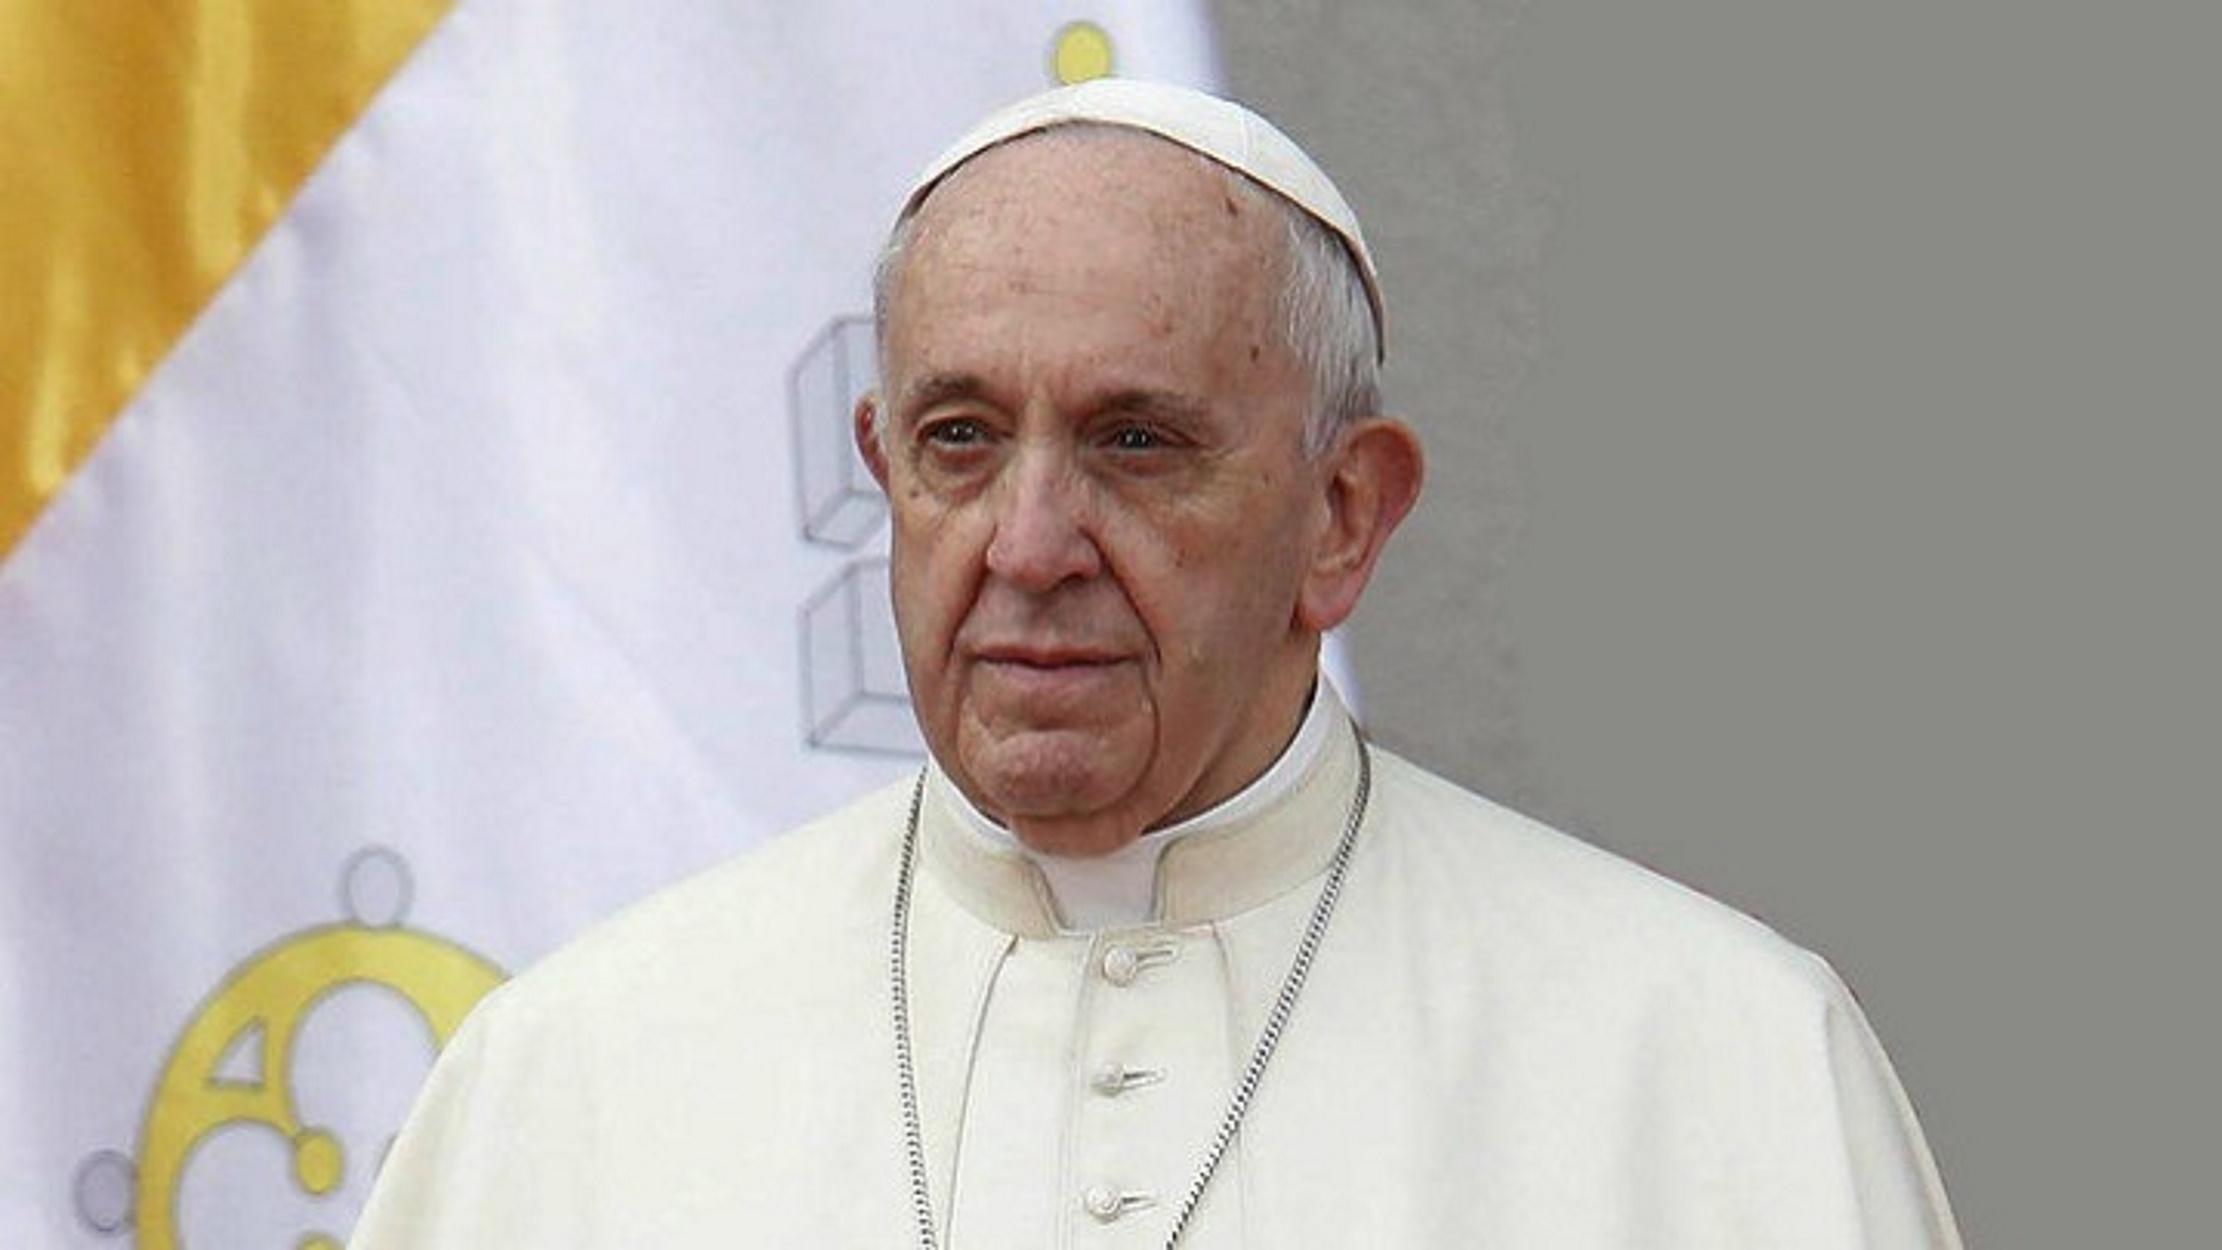 """Πάπας: Στο πλευρό της εργατιάς – """"Θύματα εκμετάλλευσης εργάτες γης και μετανάστες"""""""